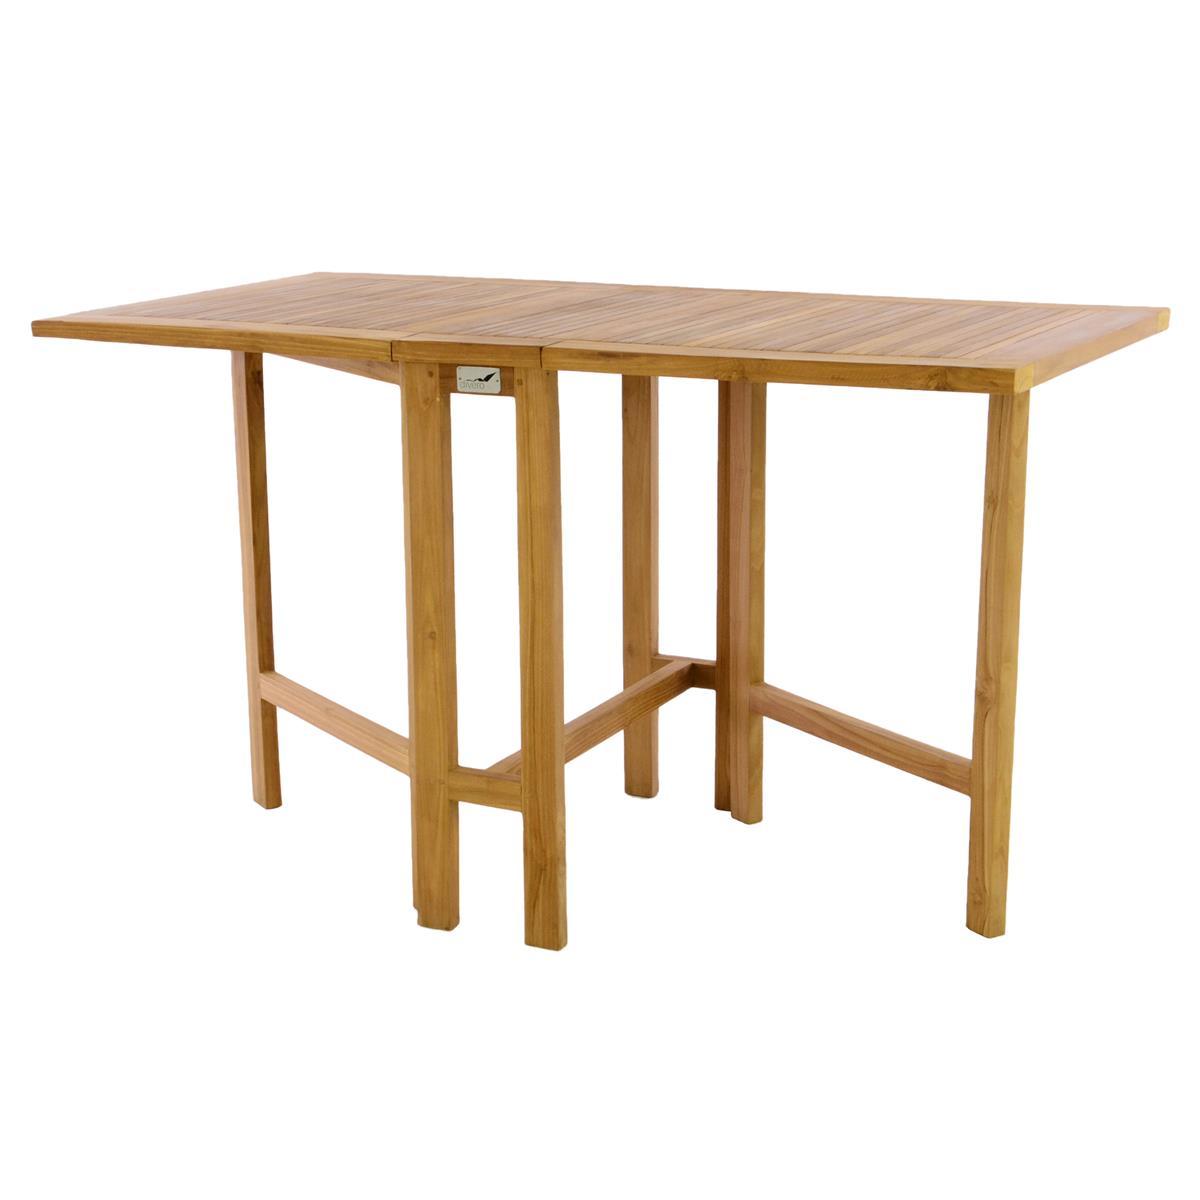 Full Size of Divero Balkontisch Klapptisch Tisch Terrasse Garten Teakholz Ausklappbares Bett Ausklappbar Wohnzimmer Balkontisch Klappbar